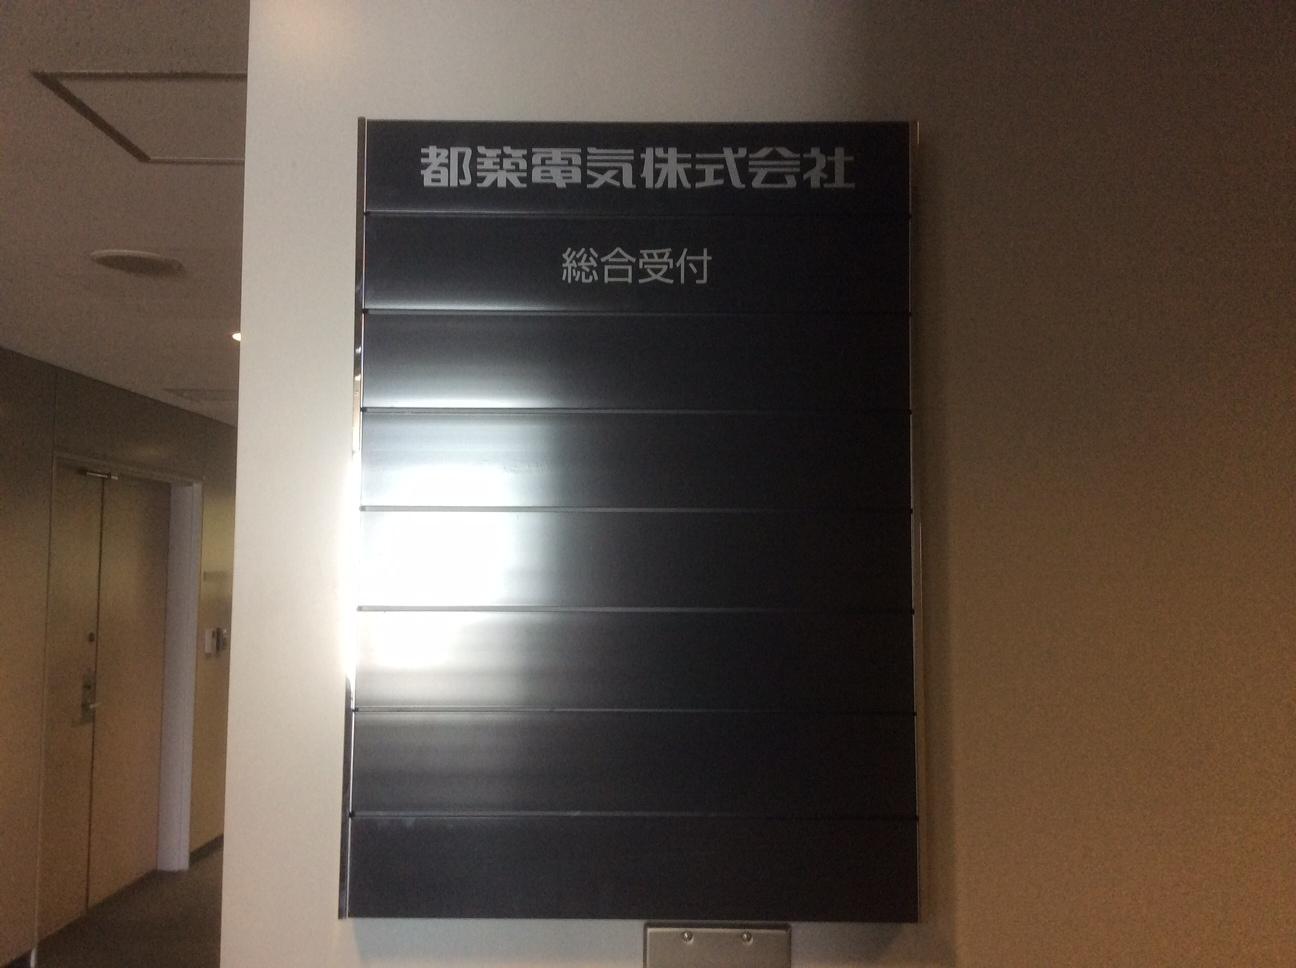 清水建設様 東京美術倶楽部 メンテナンス